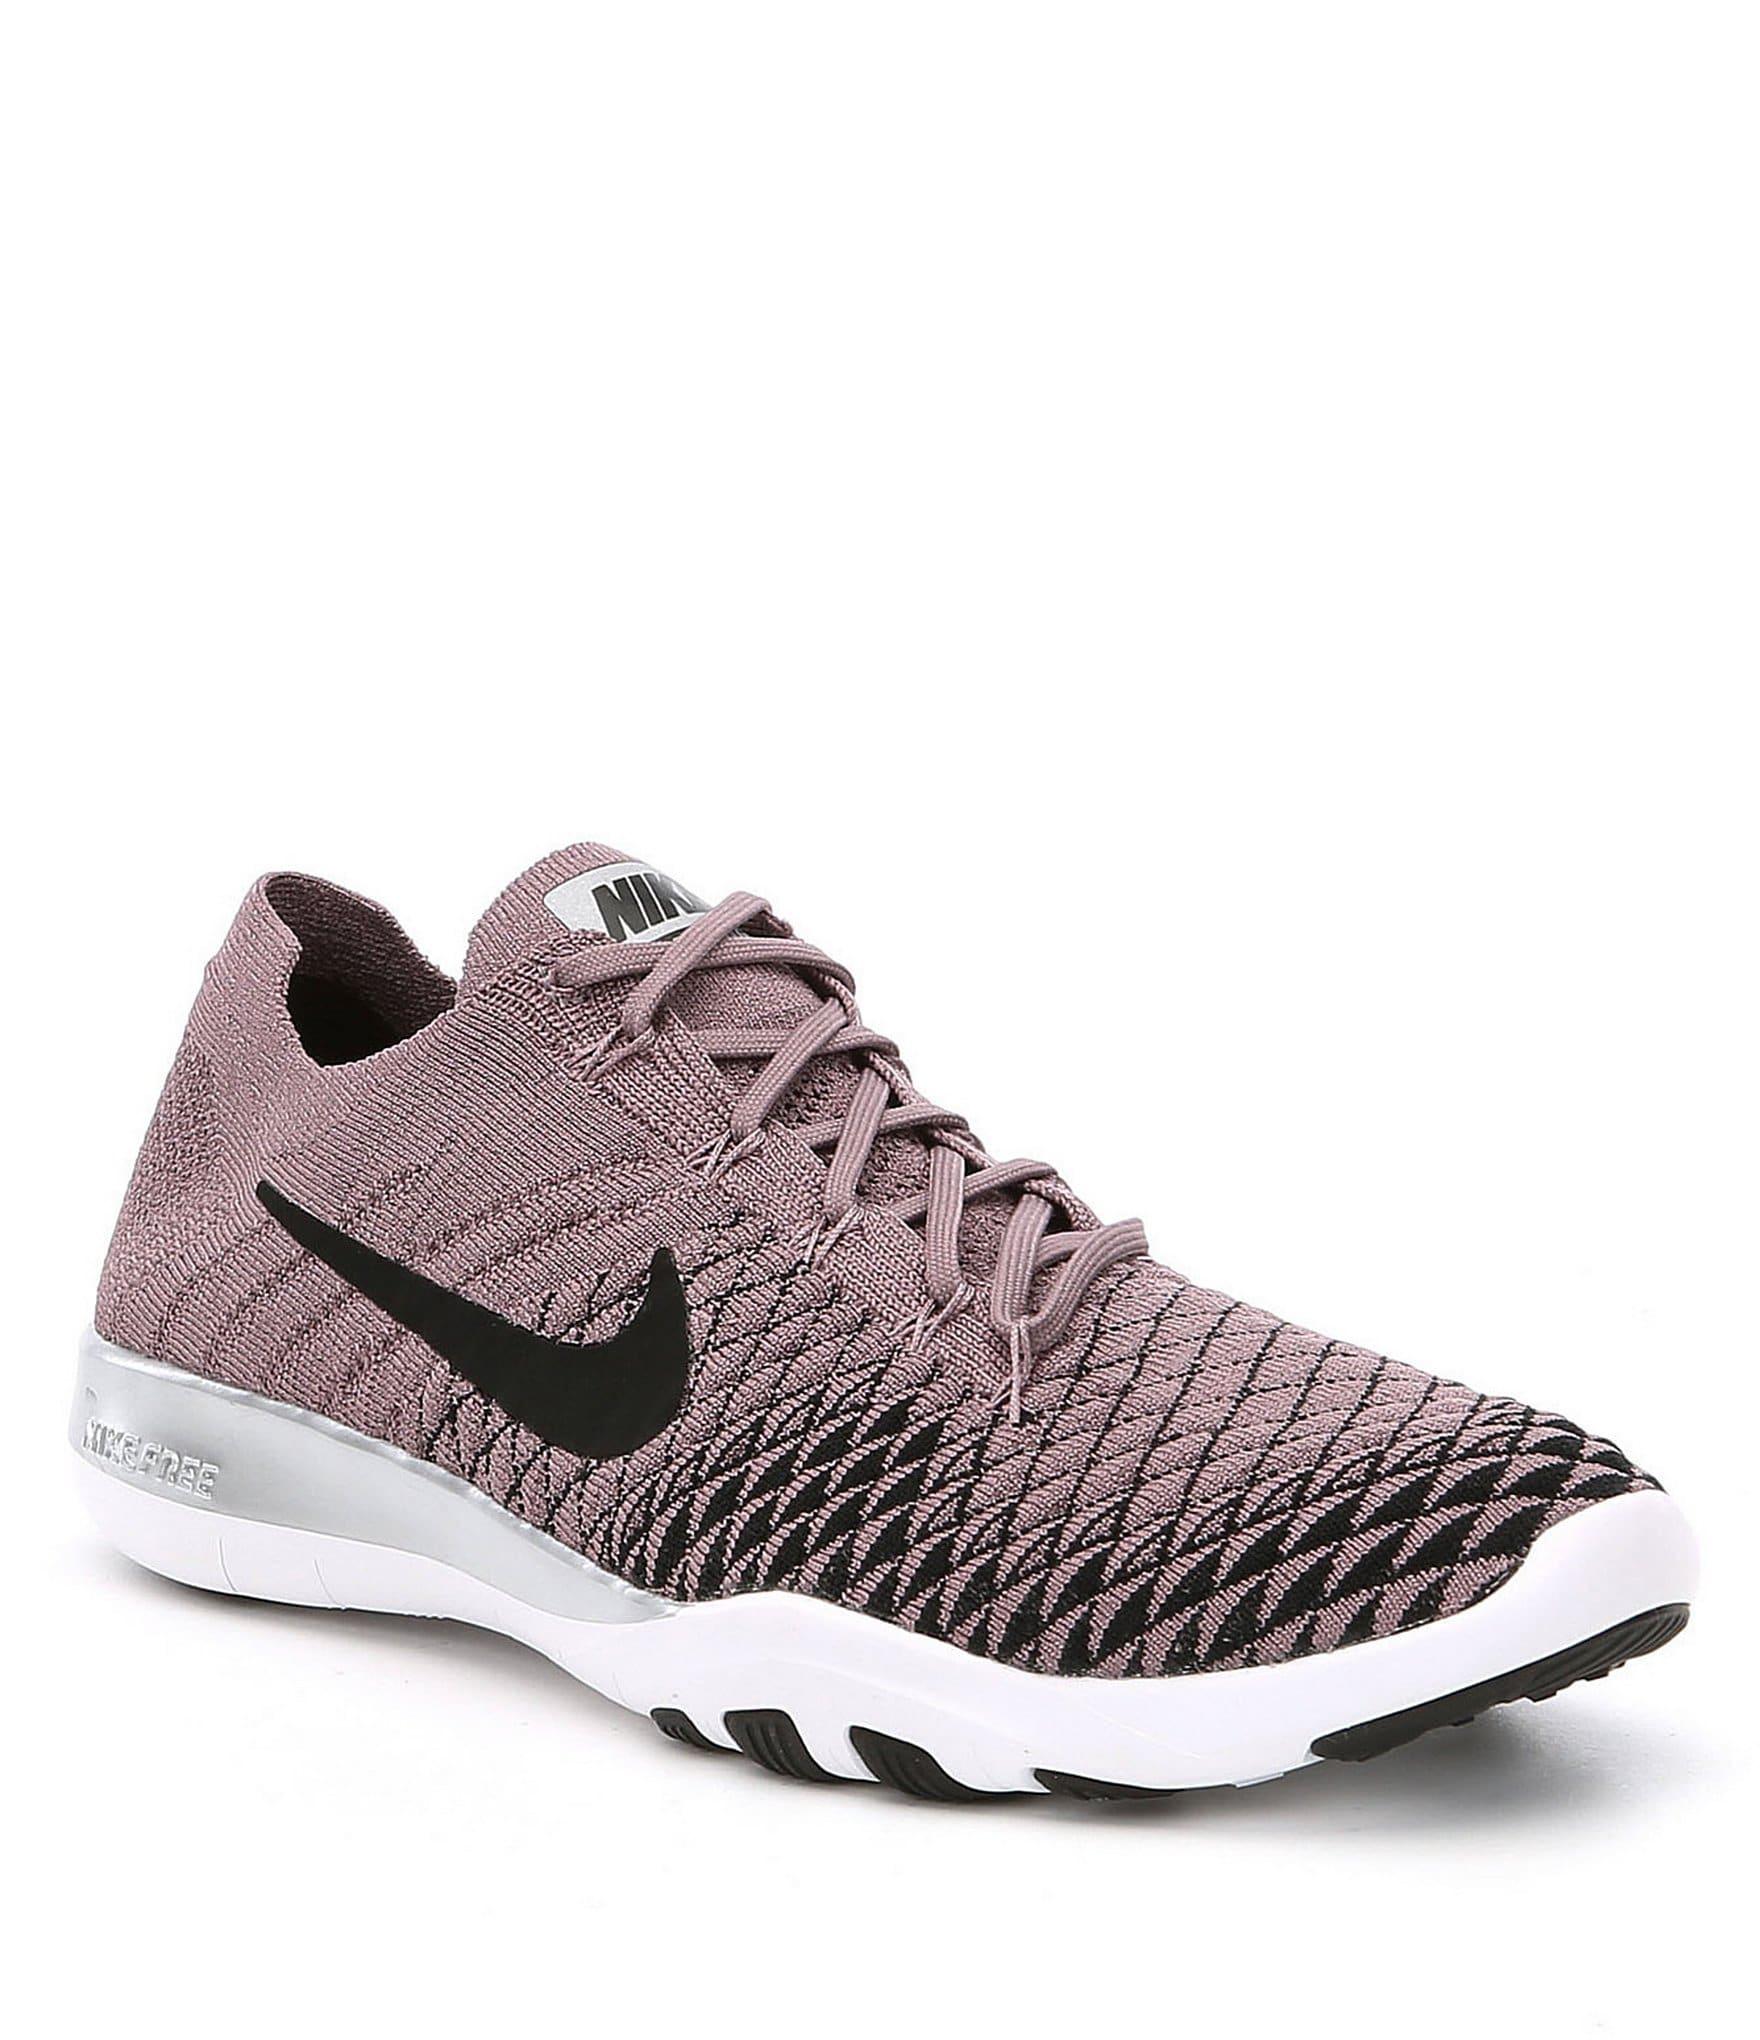 Nike Women S Free Tr  Bionic Training Shoes